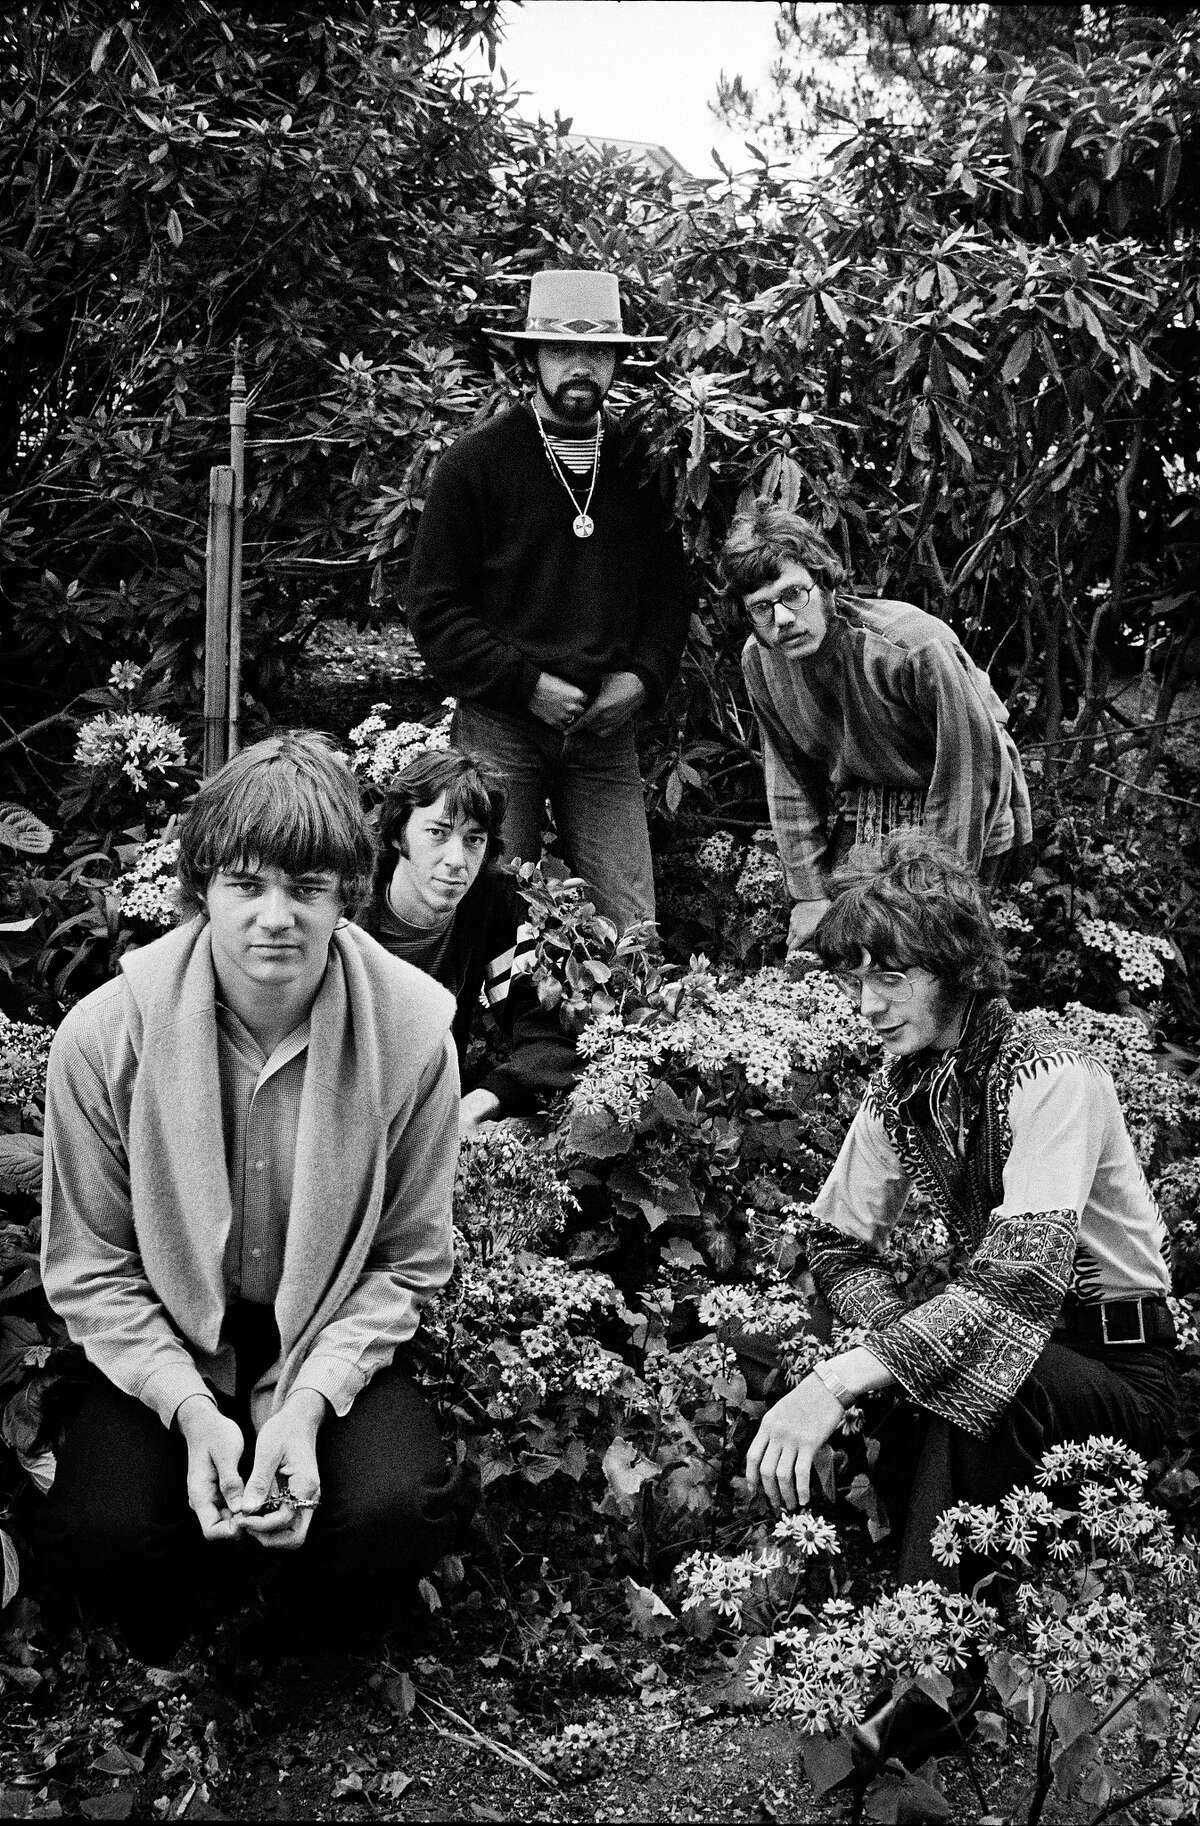 Steve Miller Band in The Botanical Gardens Golden Gate Park, 1967